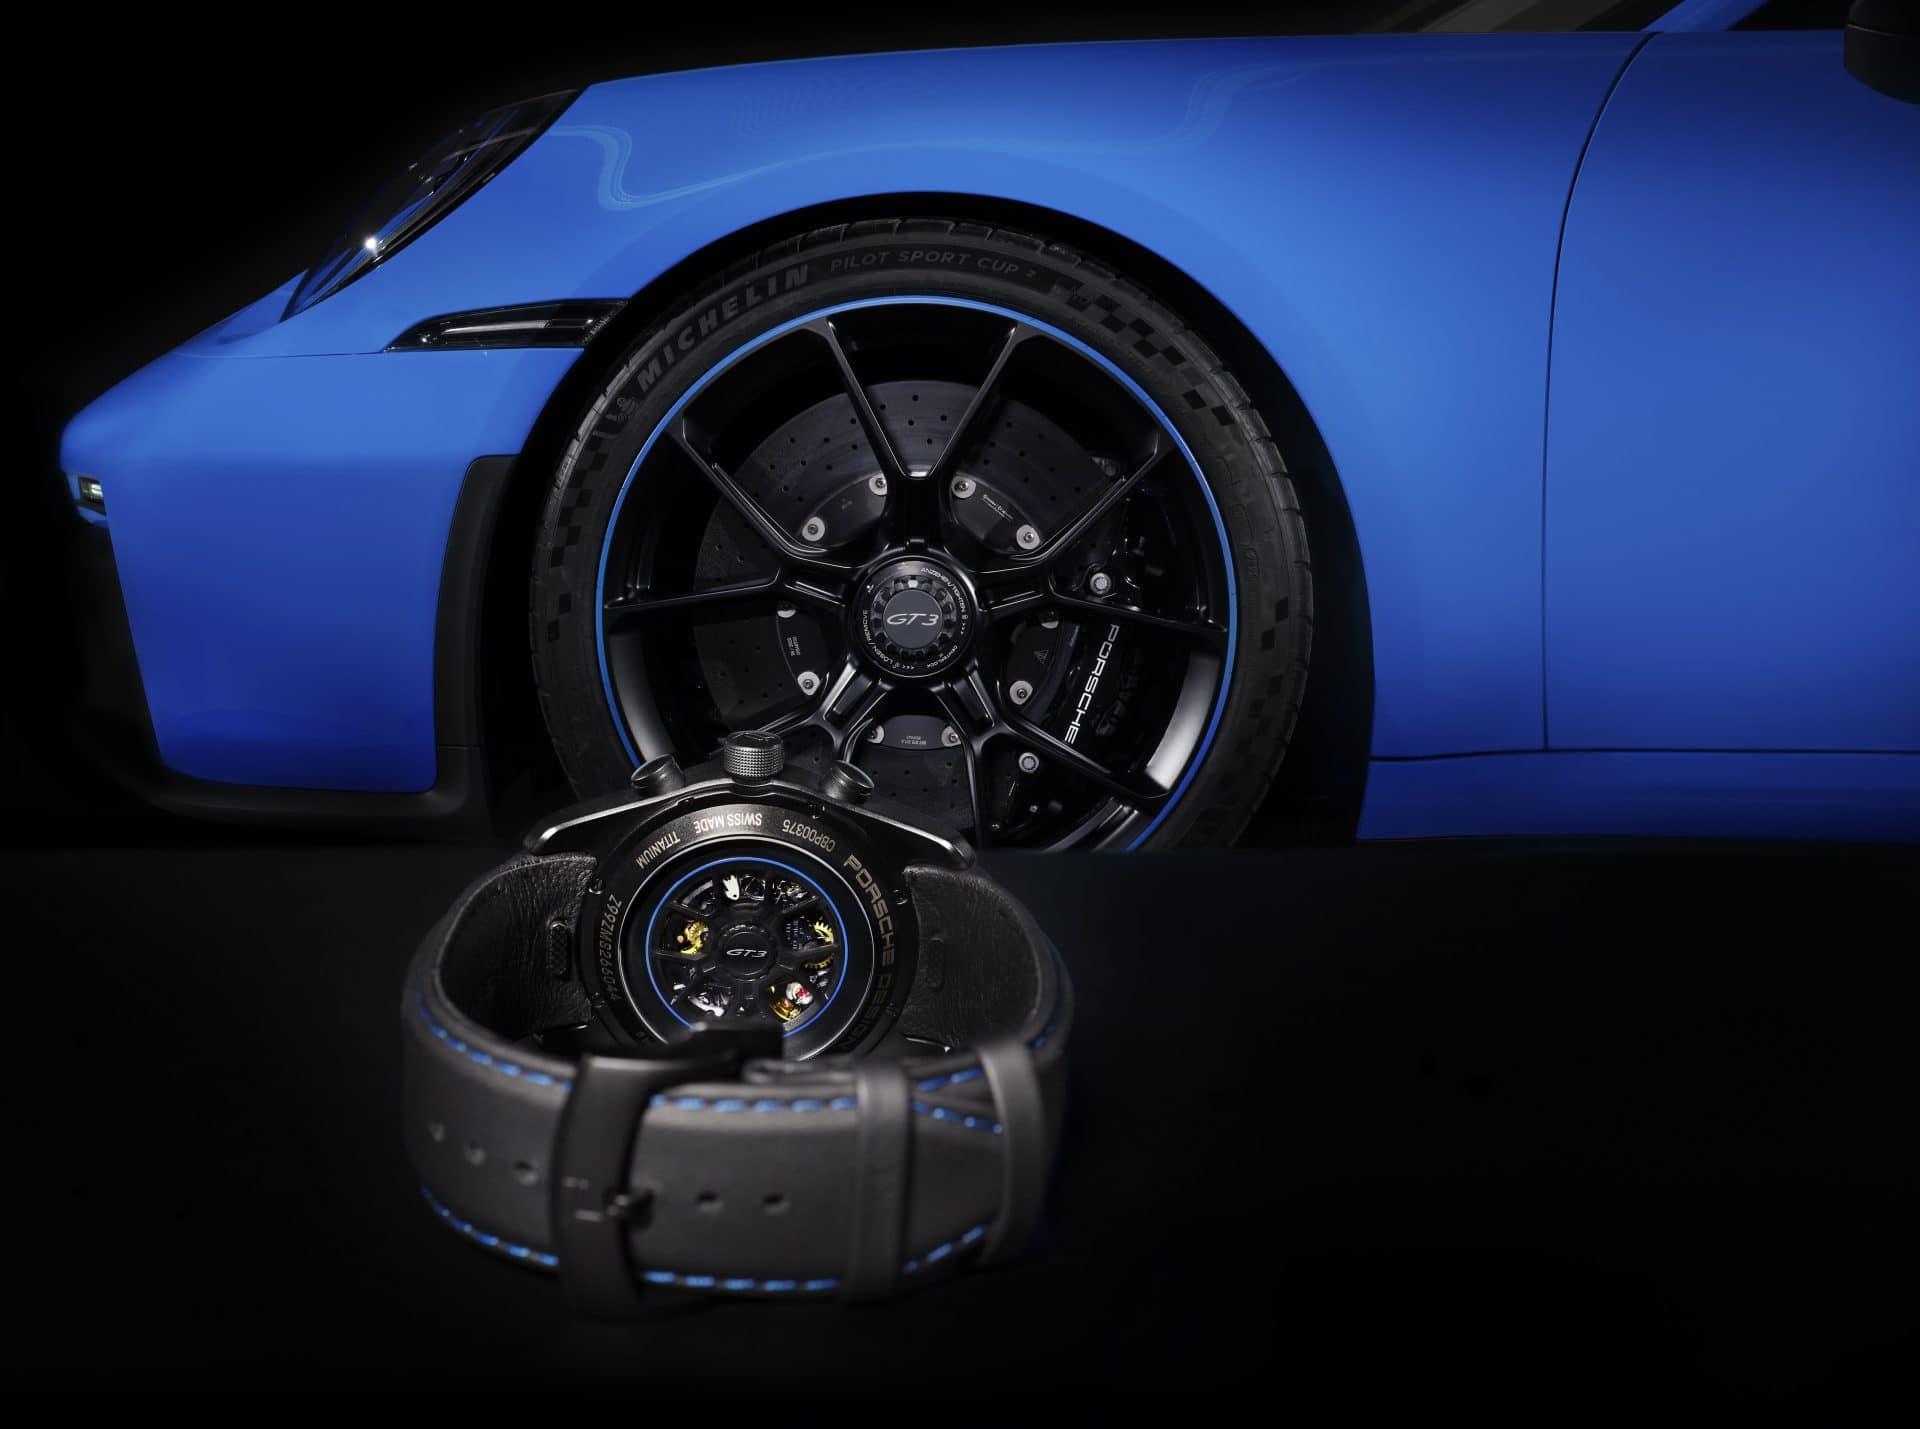 Porsche Design Uhrenkonfigurator machts möglich: Rotor, Armband und Bandnähte nach Wahl